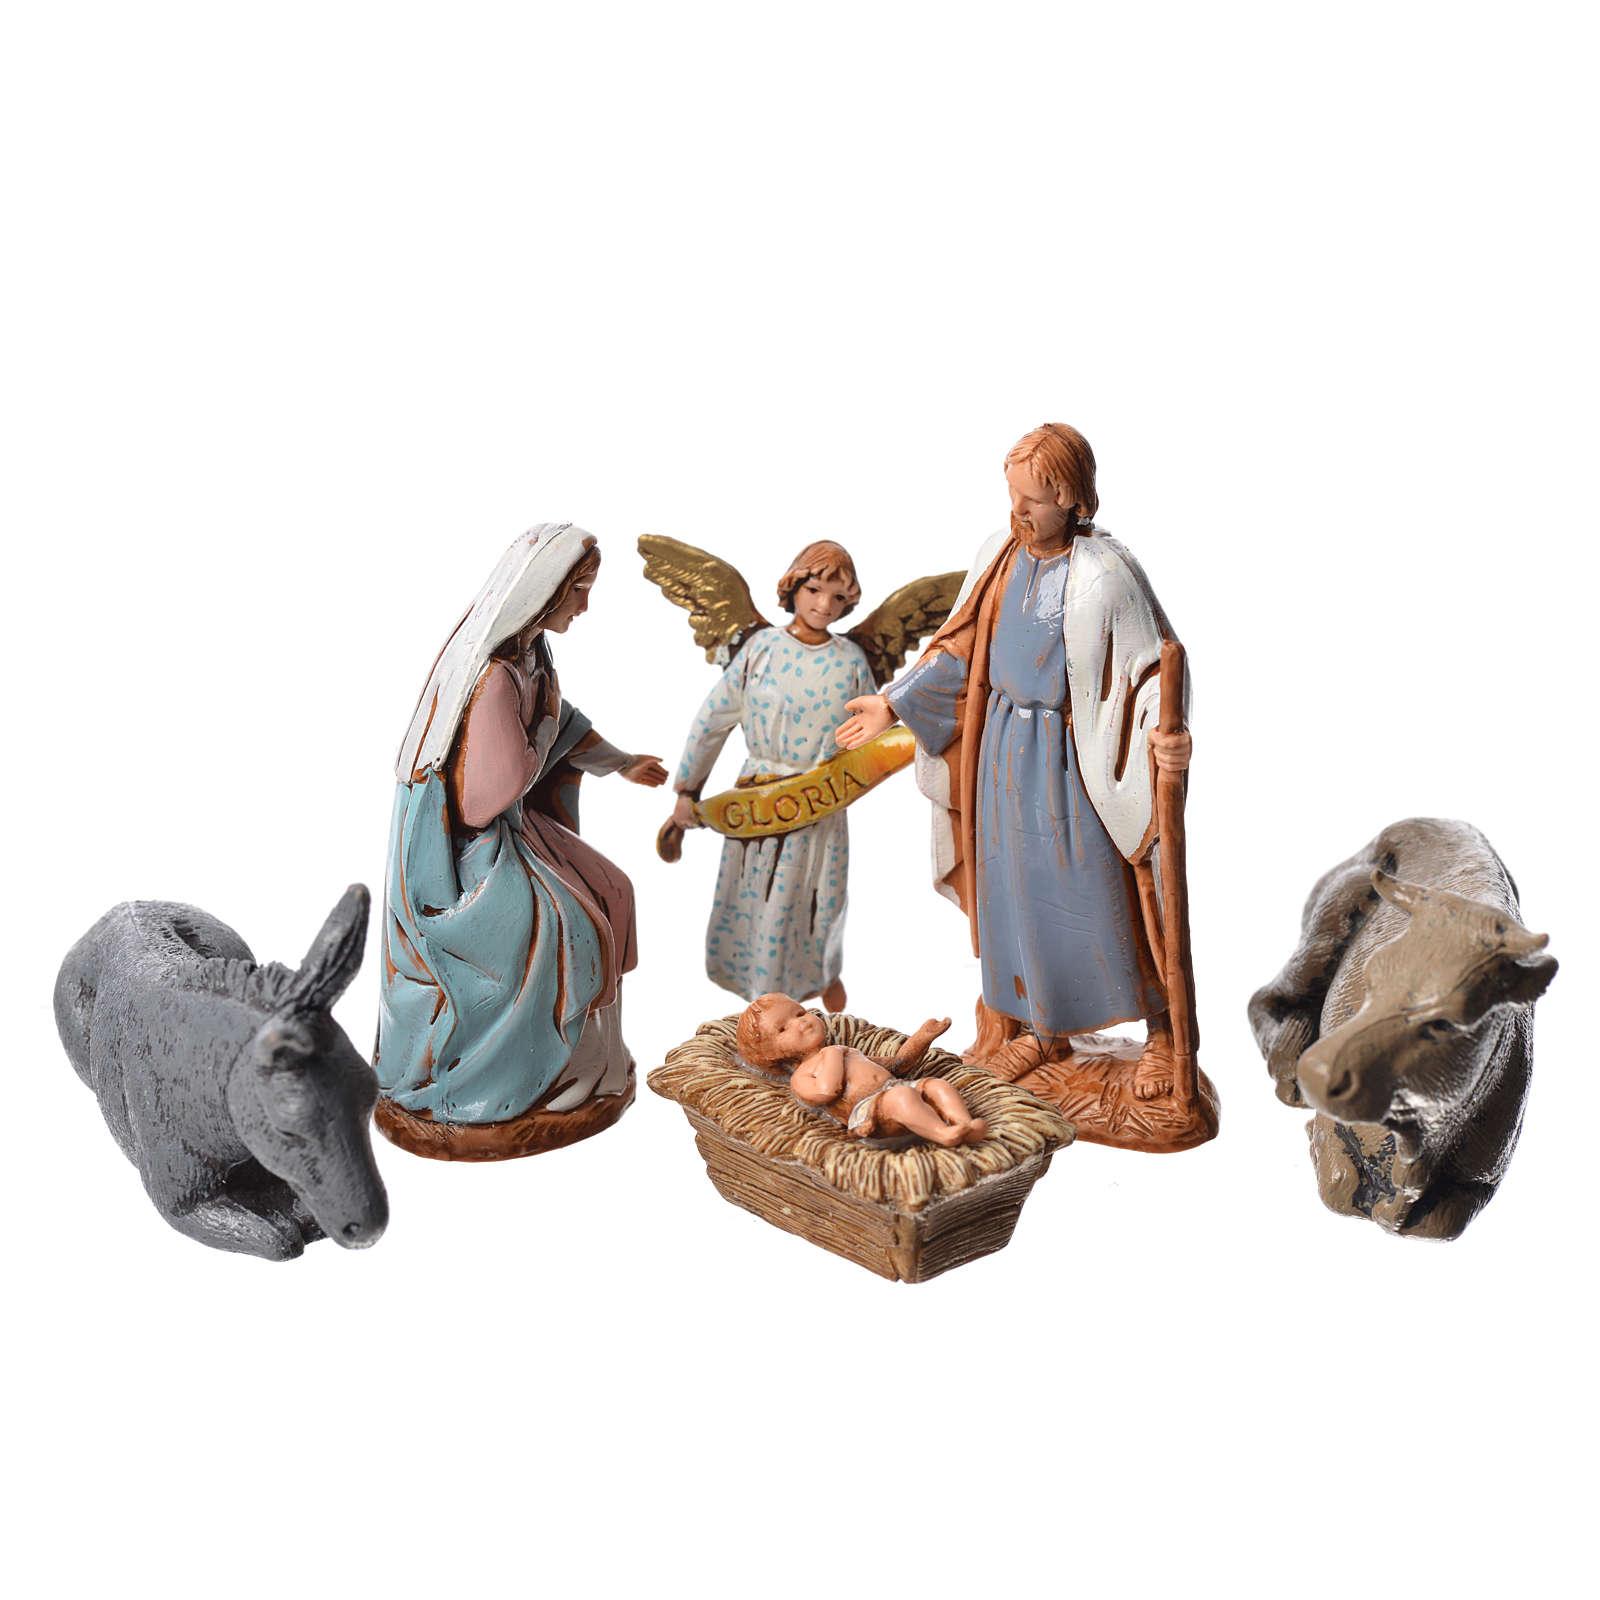 Święta Rodzina 6 elem. szopka Moranduzzo 6.5 cm styl arabski 4